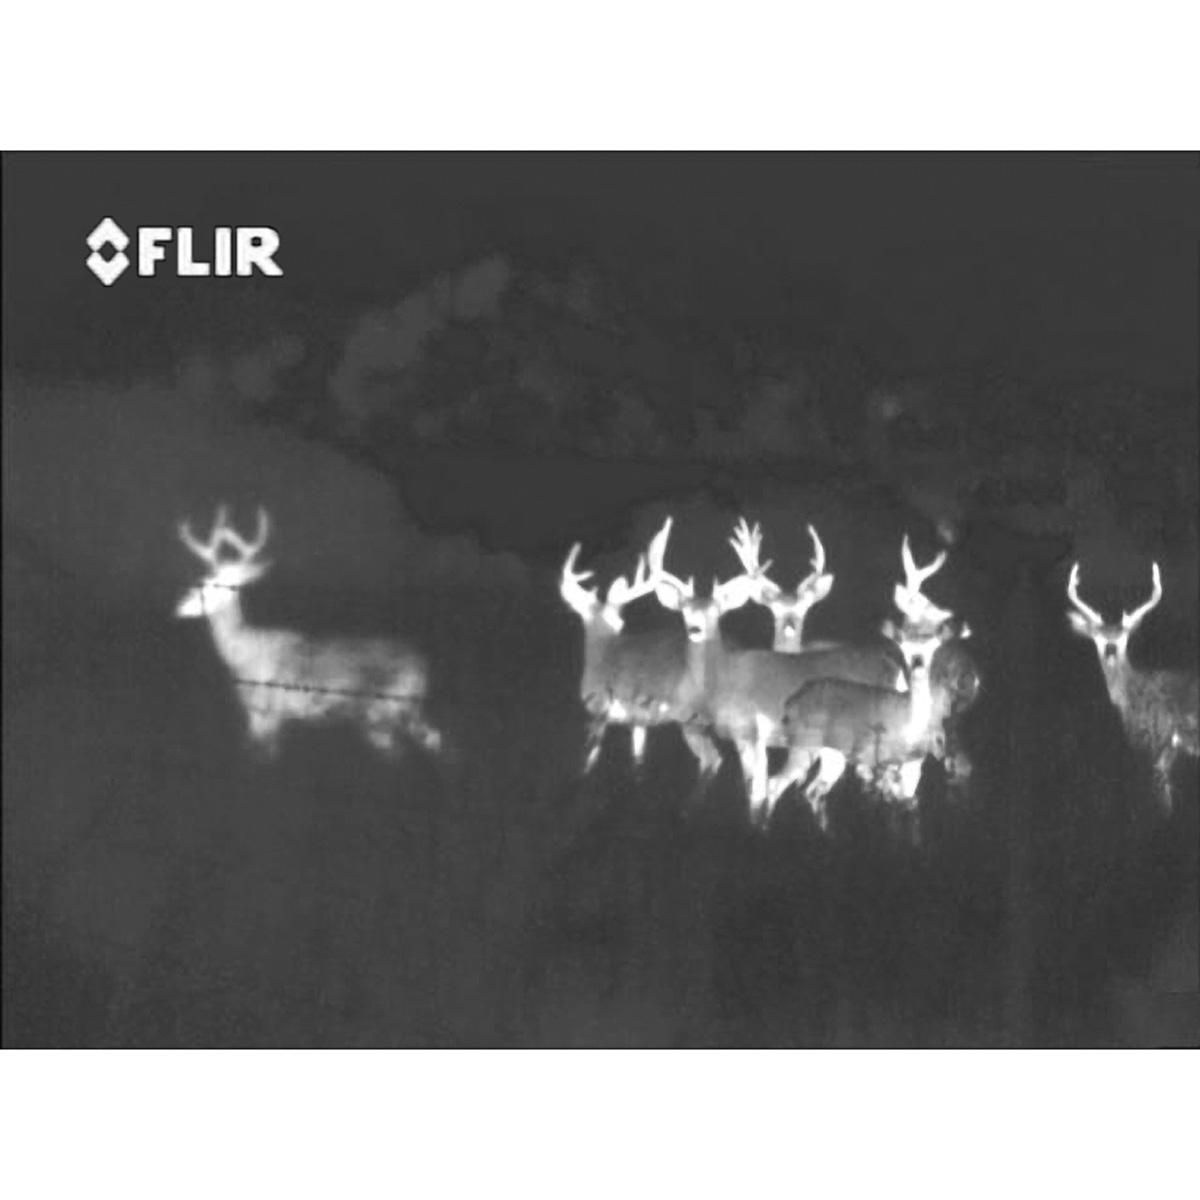 flir scout ps32 thermal imaging camera. Black Bedroom Furniture Sets. Home Design Ideas